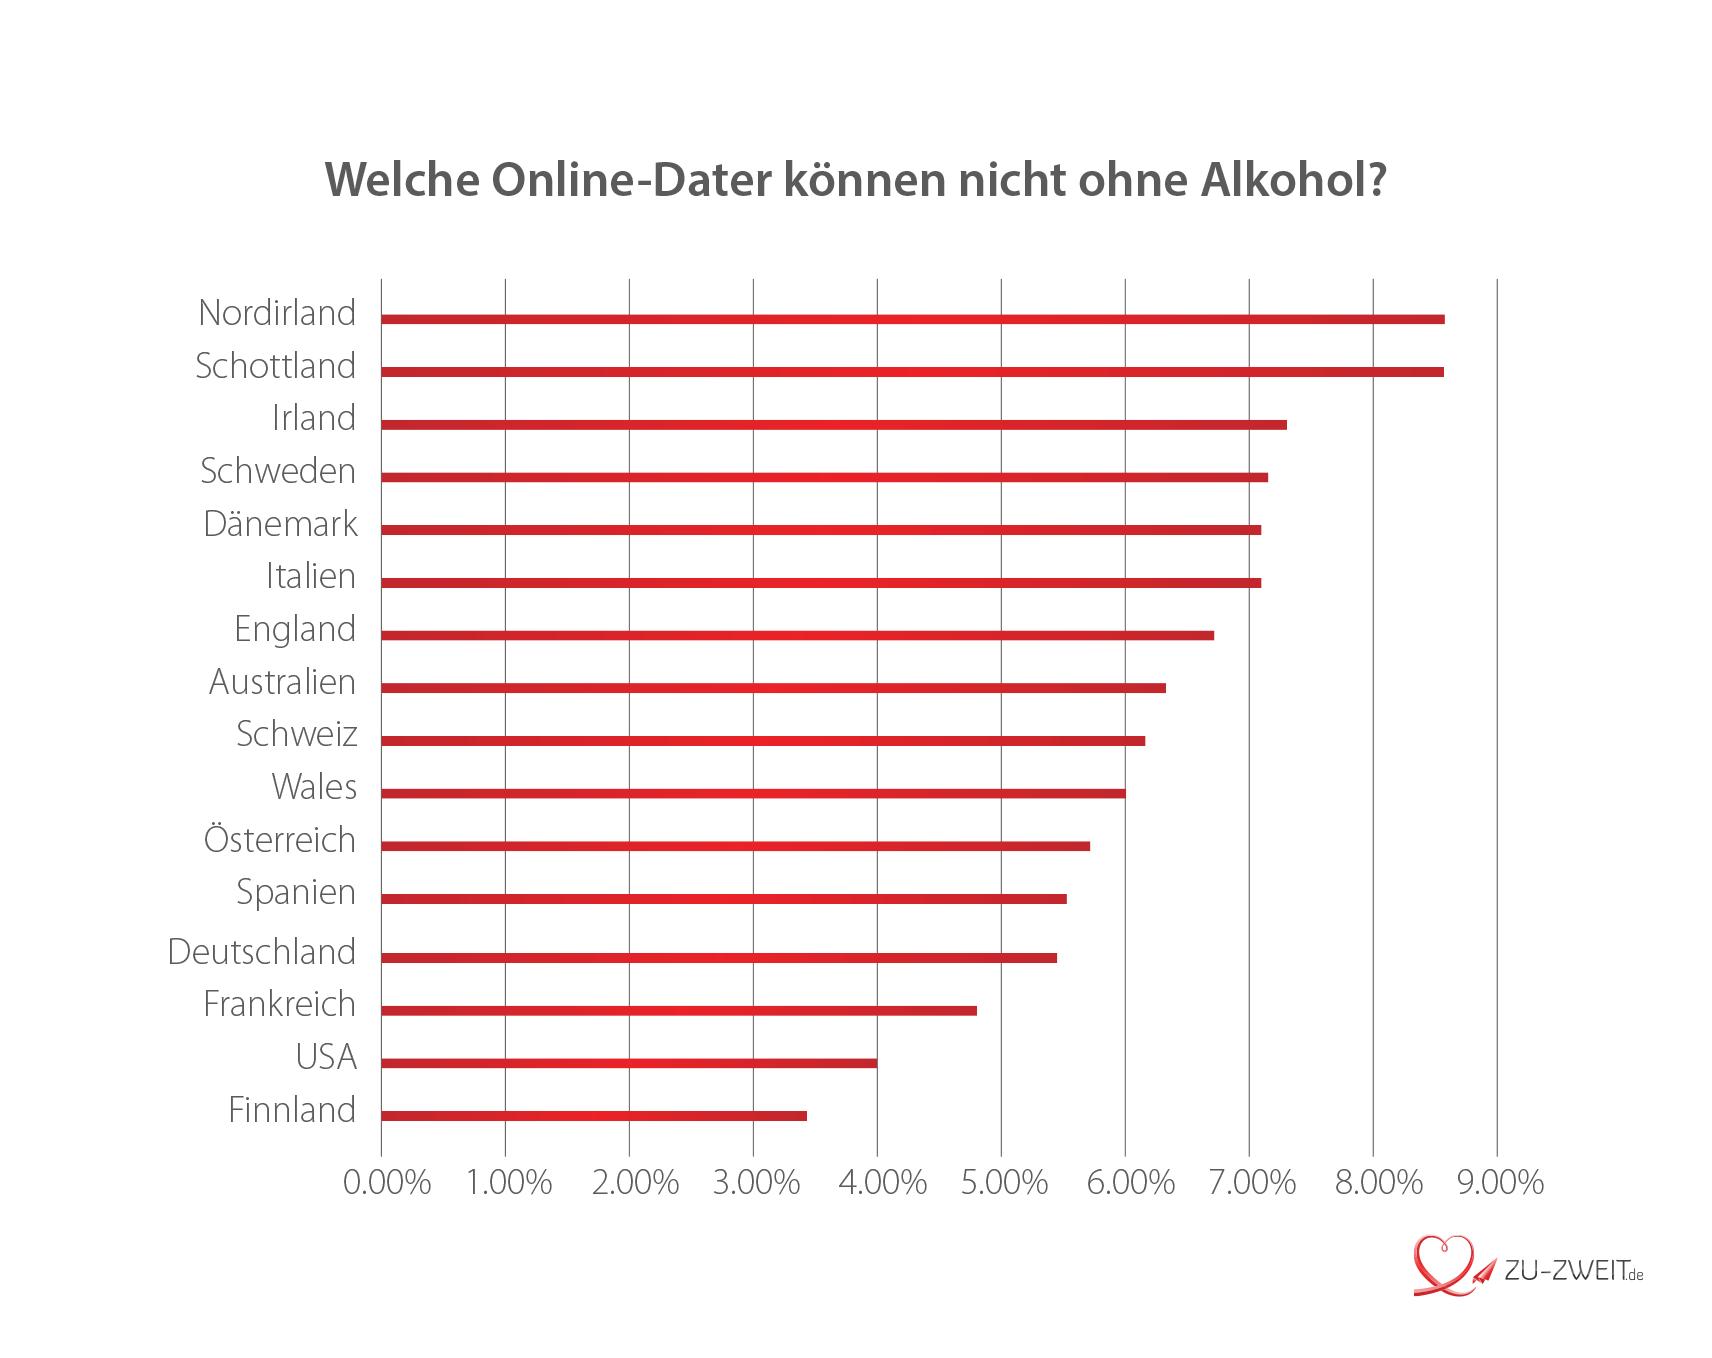 Wer kann nicht ohne Alkohol?